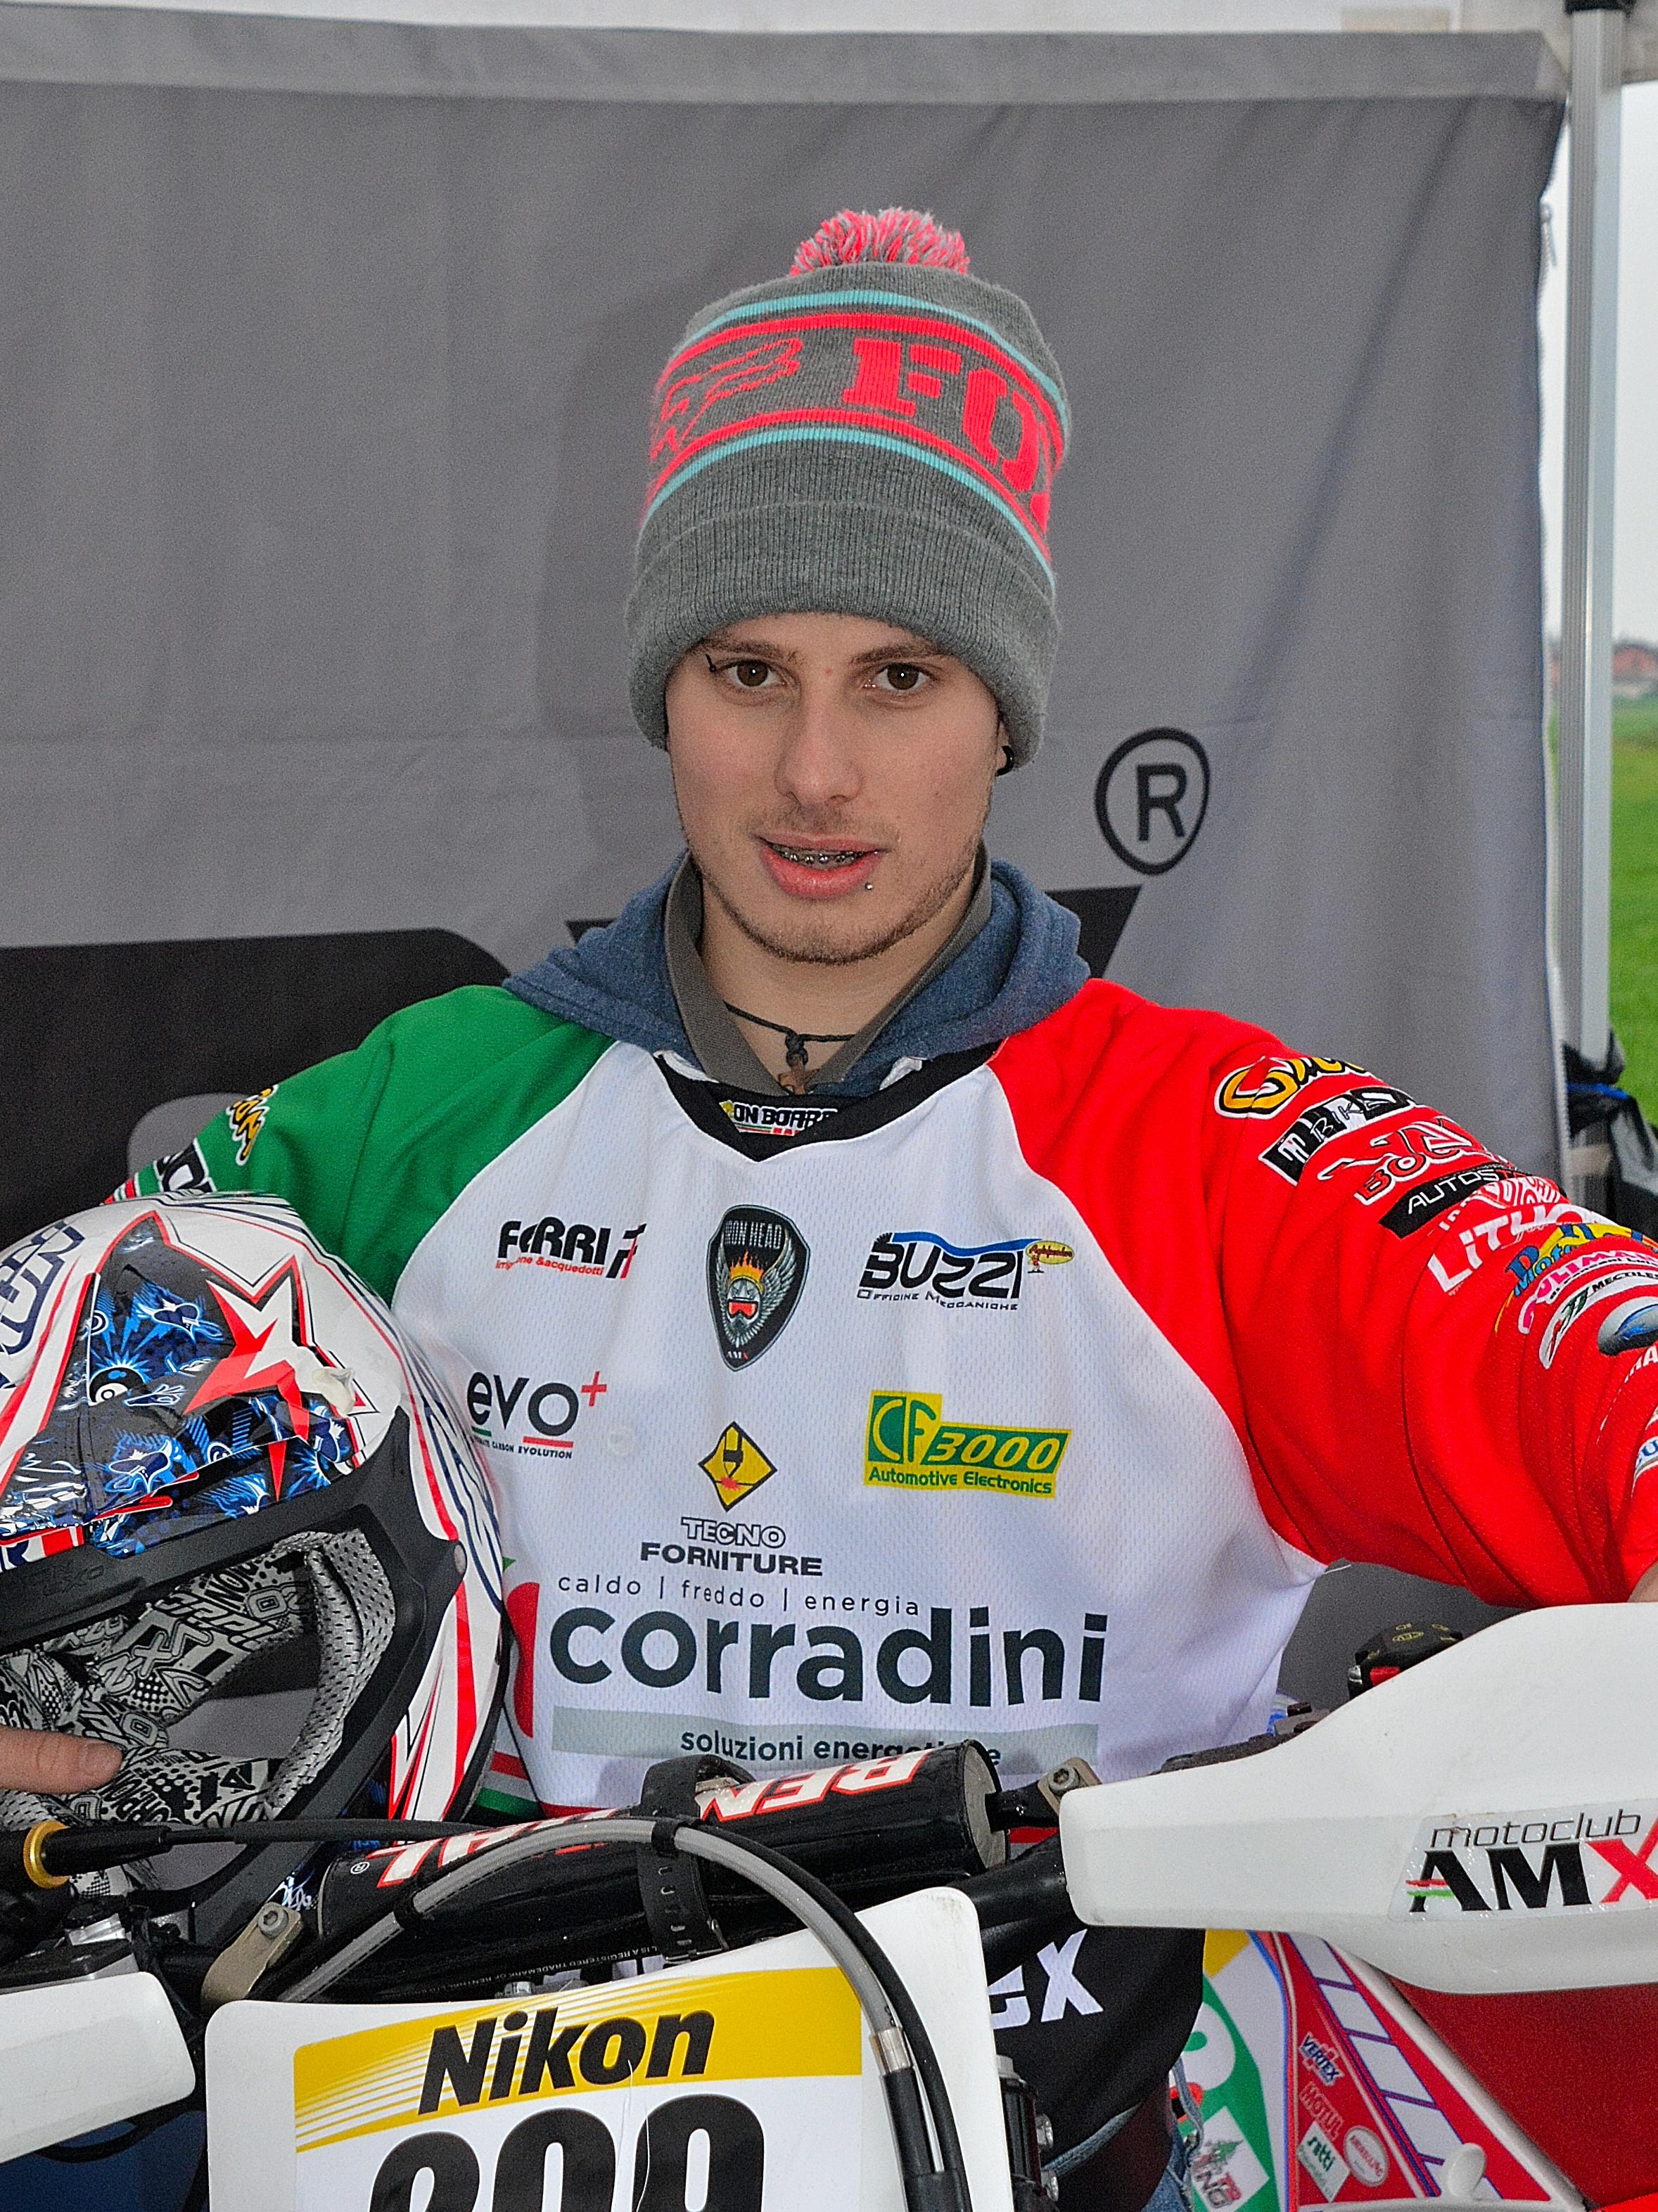 Davide Beggio